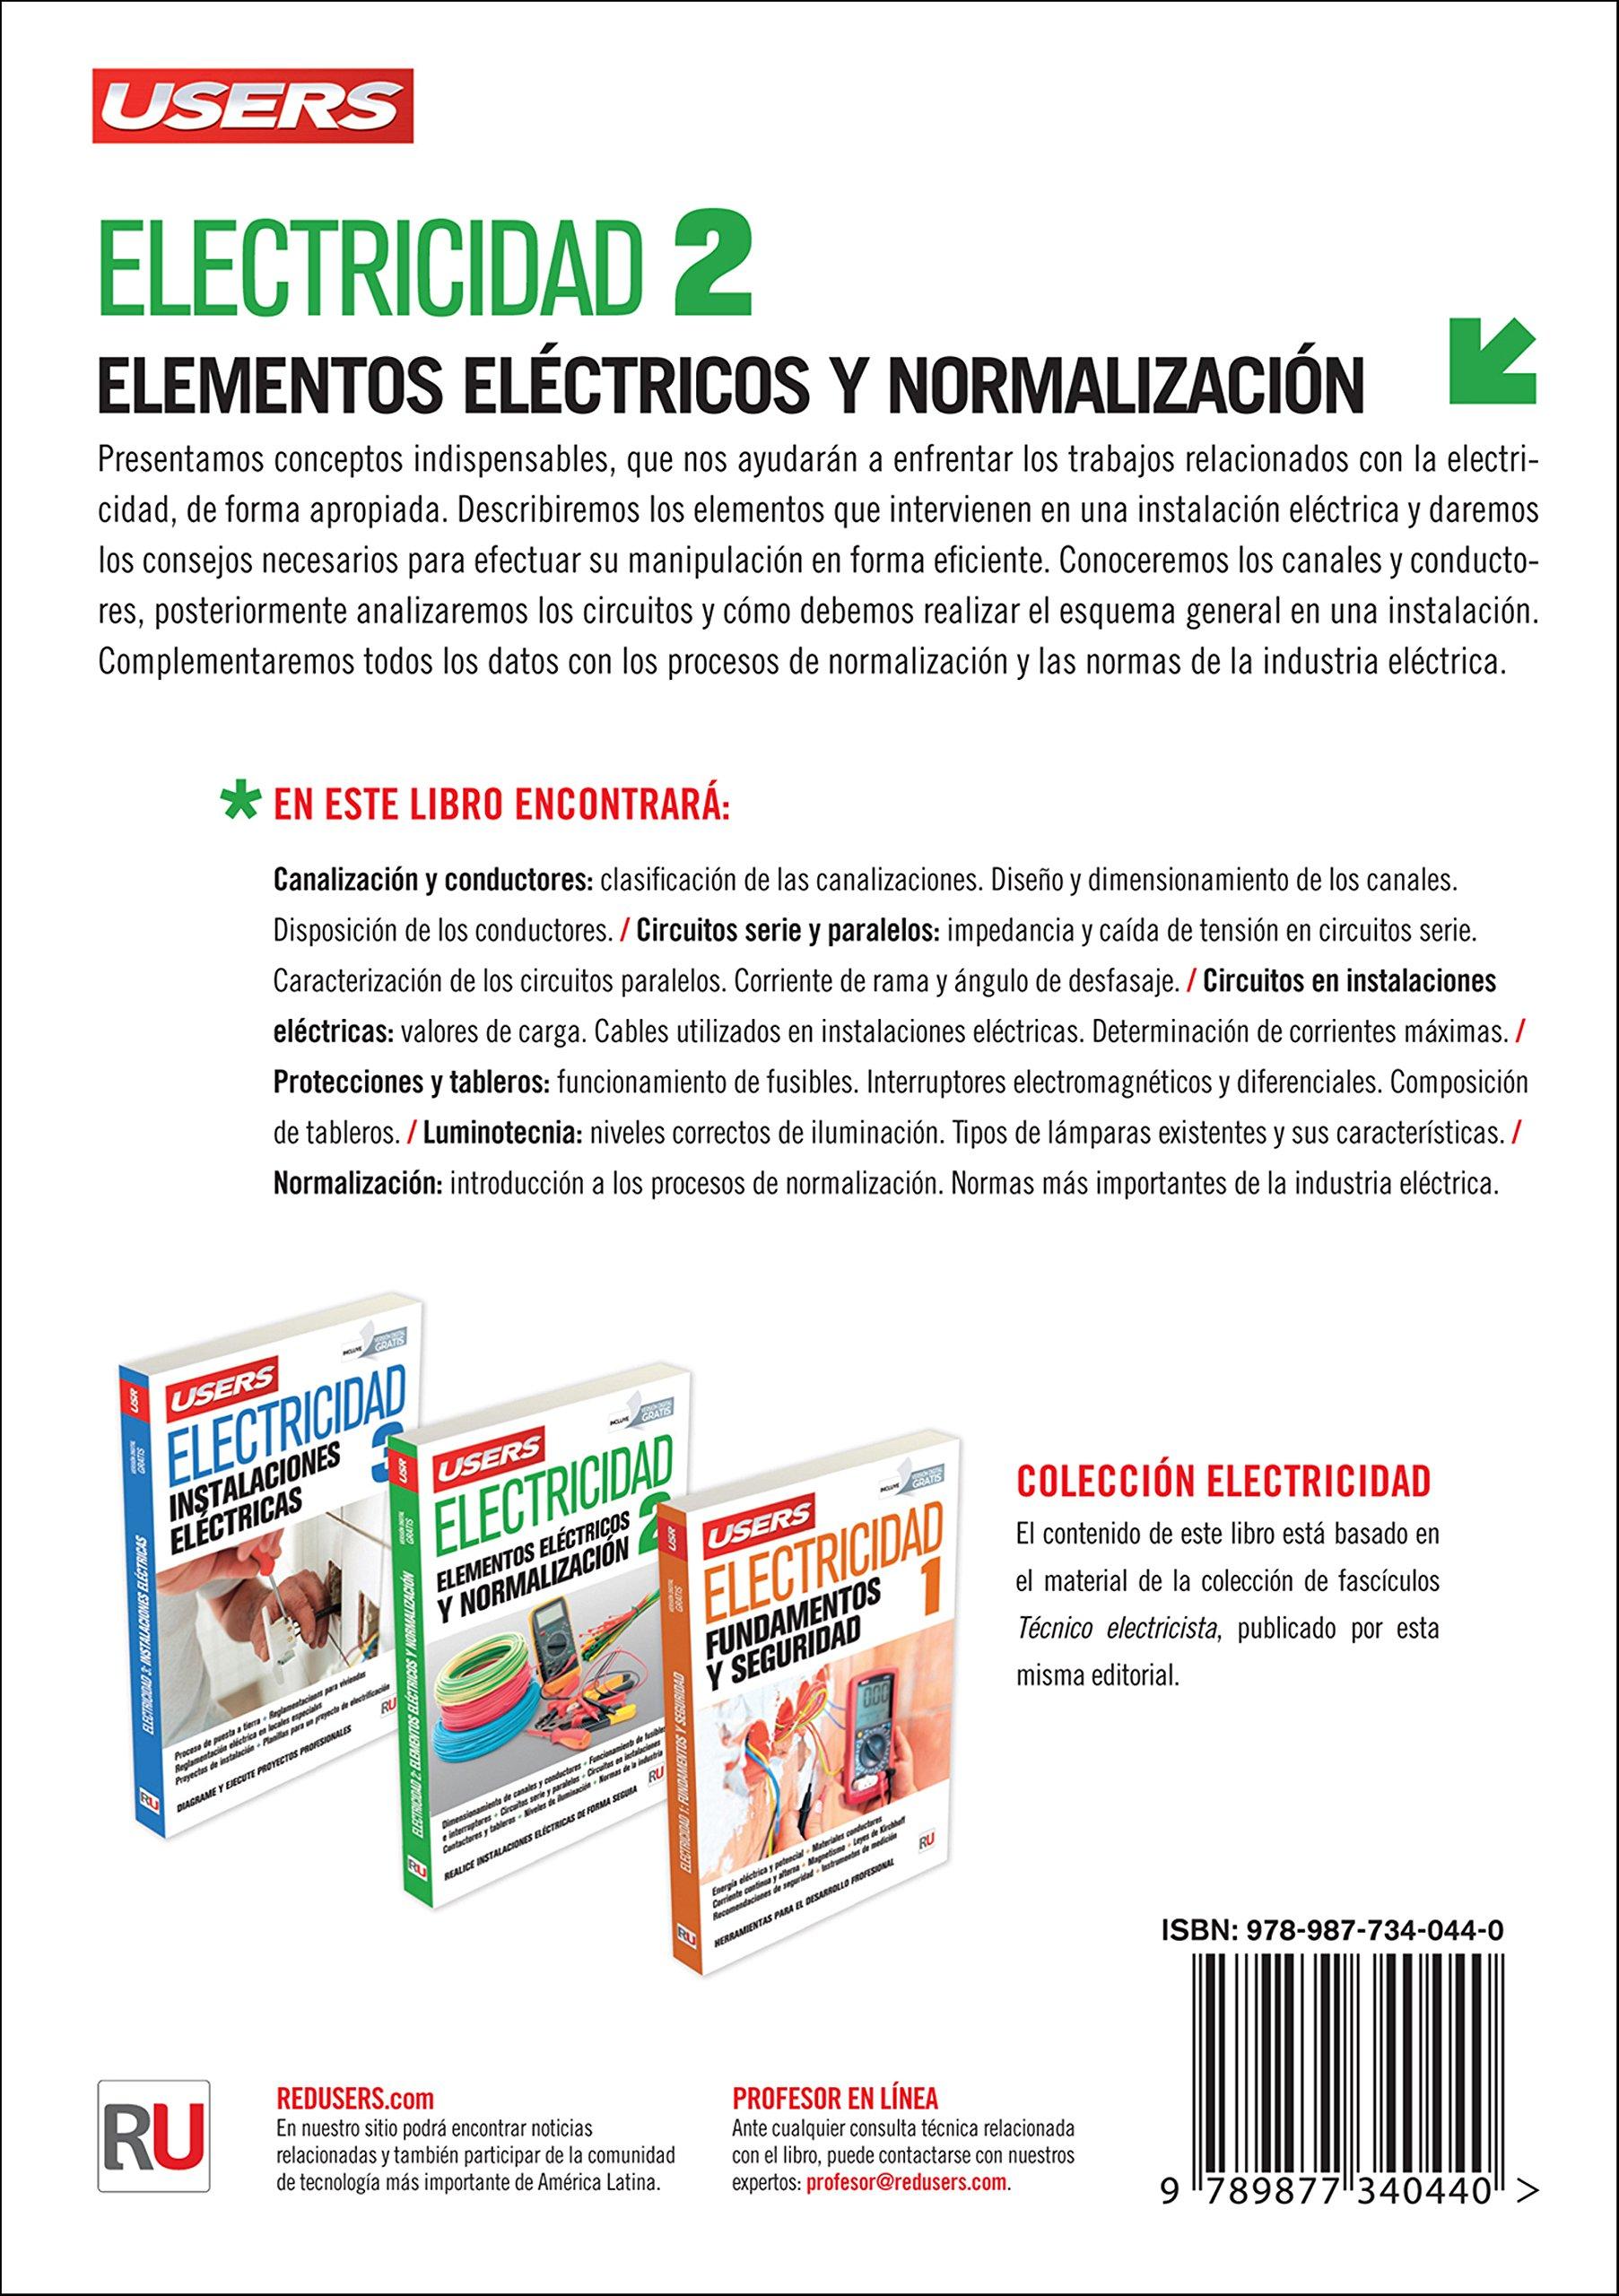 Electricidad 2: Elementos eléctricos y normalización (Spanish Edition): Users Staff, RedUsers Usershop, Español Espanol Espaniol: 9789877340440: Amazon.com: ...